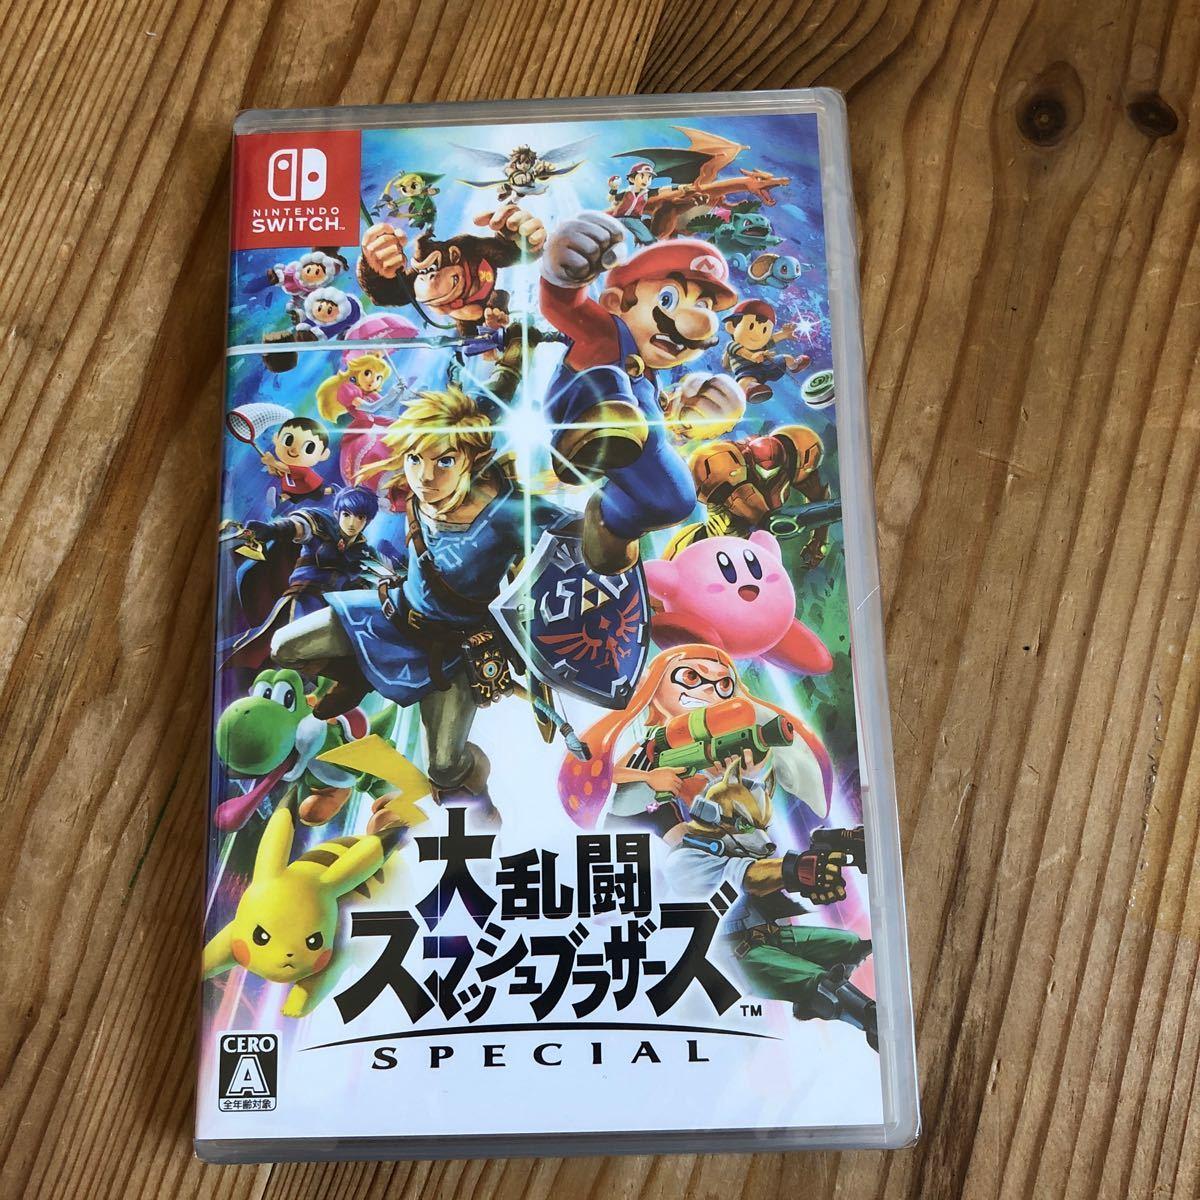 大乱闘スマッシュブラザーズSPECIAL Nintendo Switch Switch ニンテンドースイッチソフト